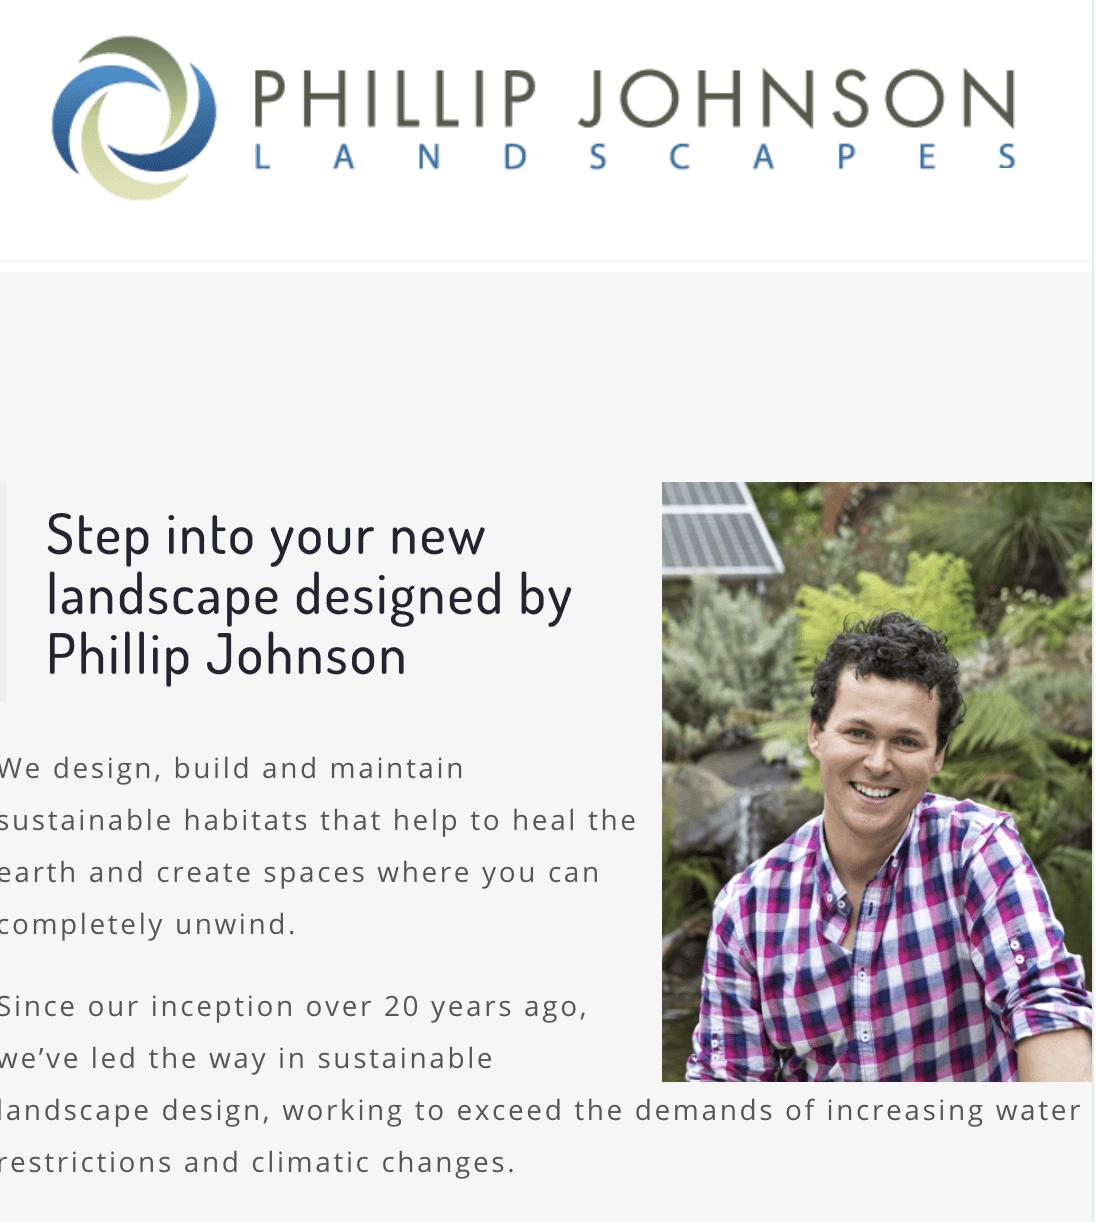 Landscape designers - Philip Johnson Landscapes